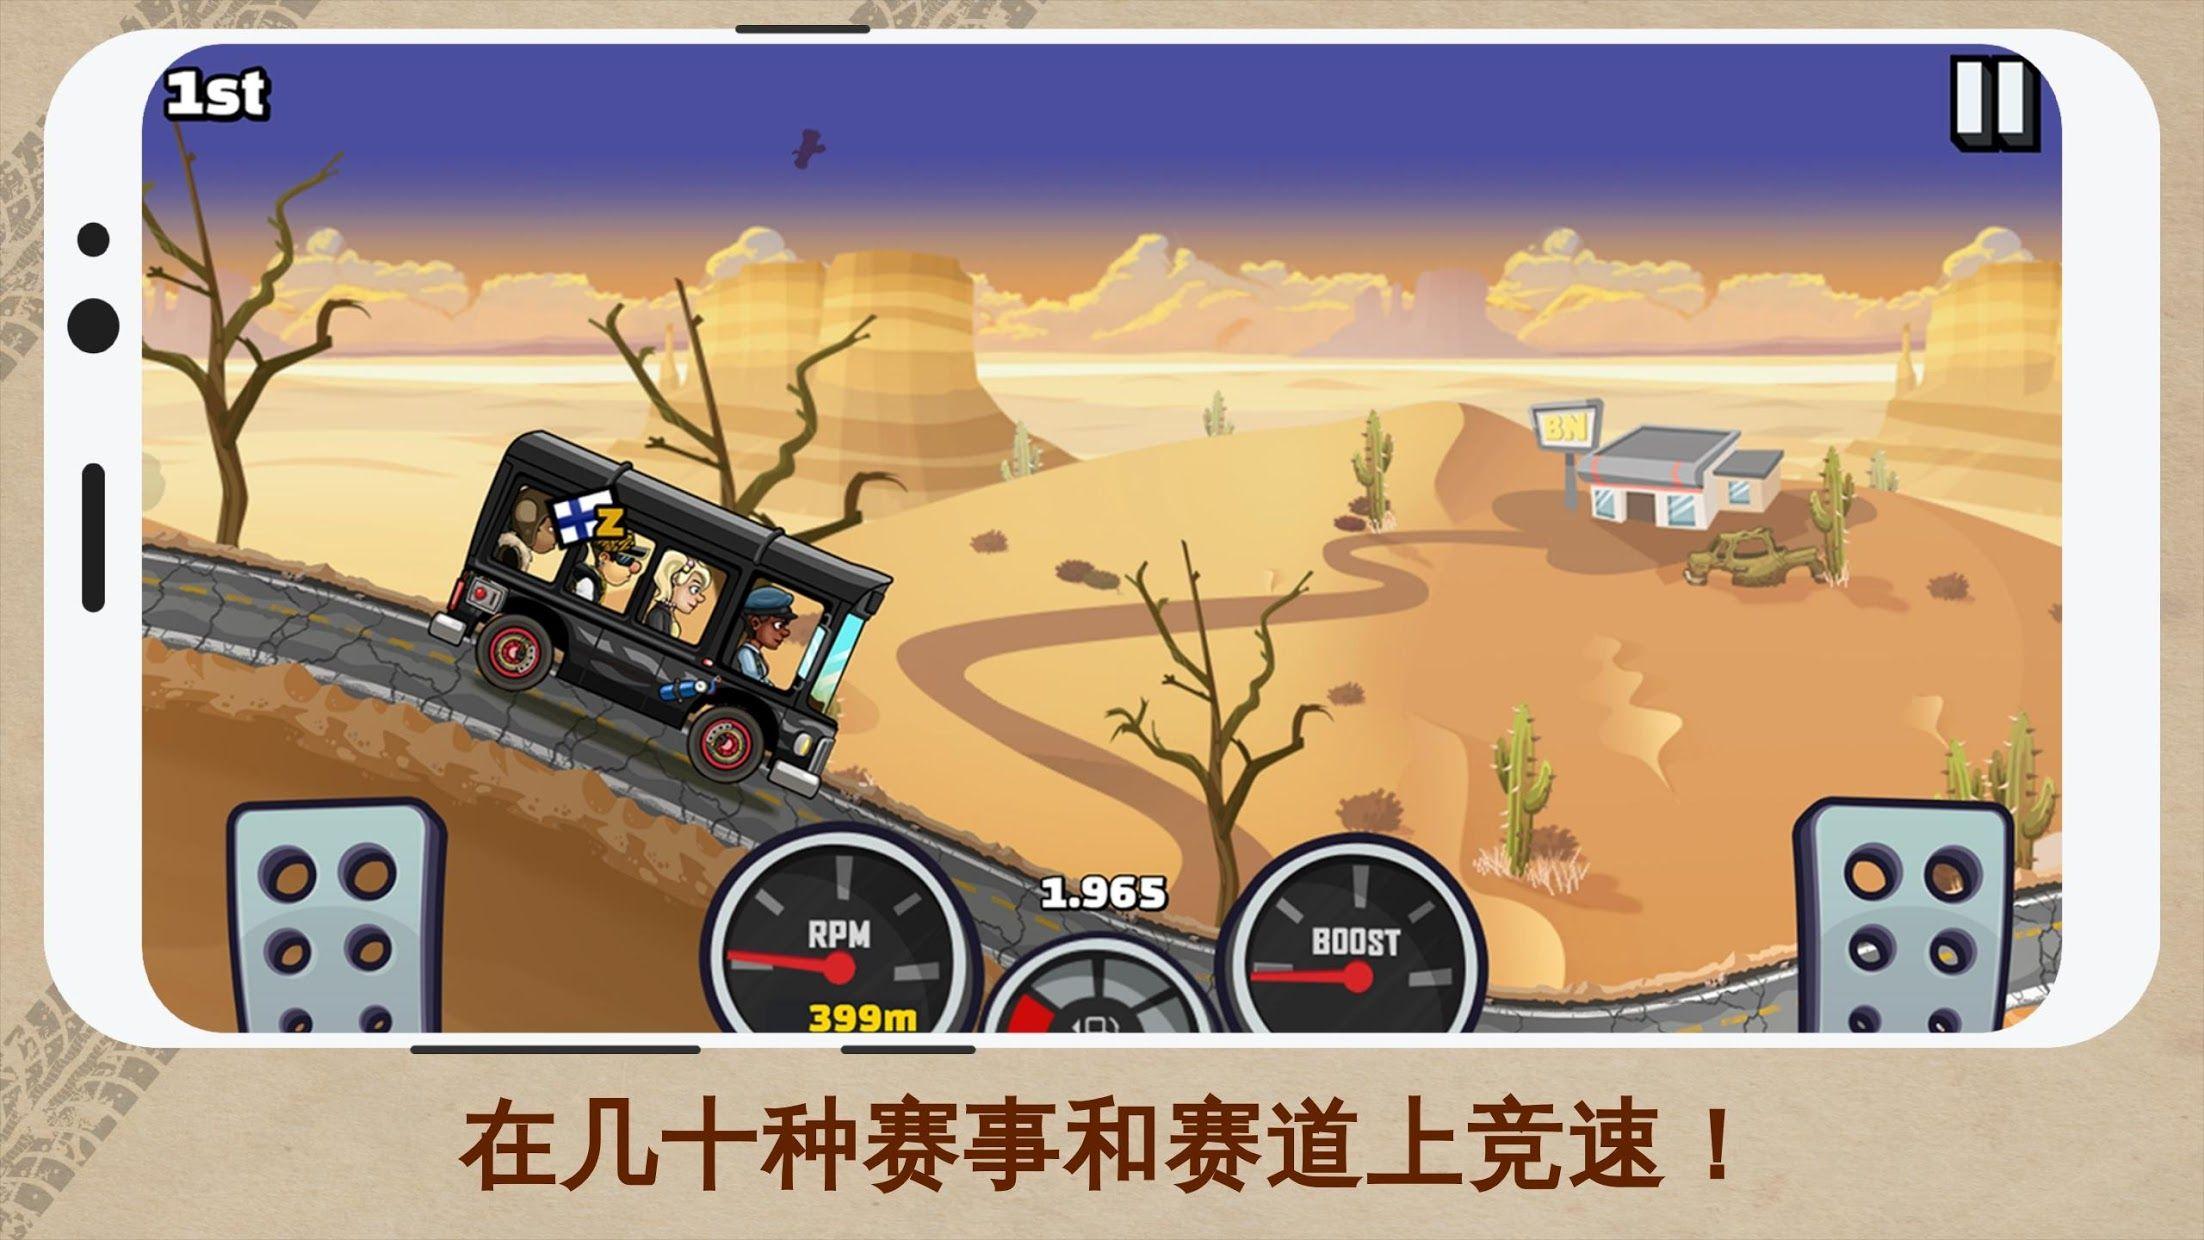 刚买的手机一玩Hill Climb Racing就黑屏